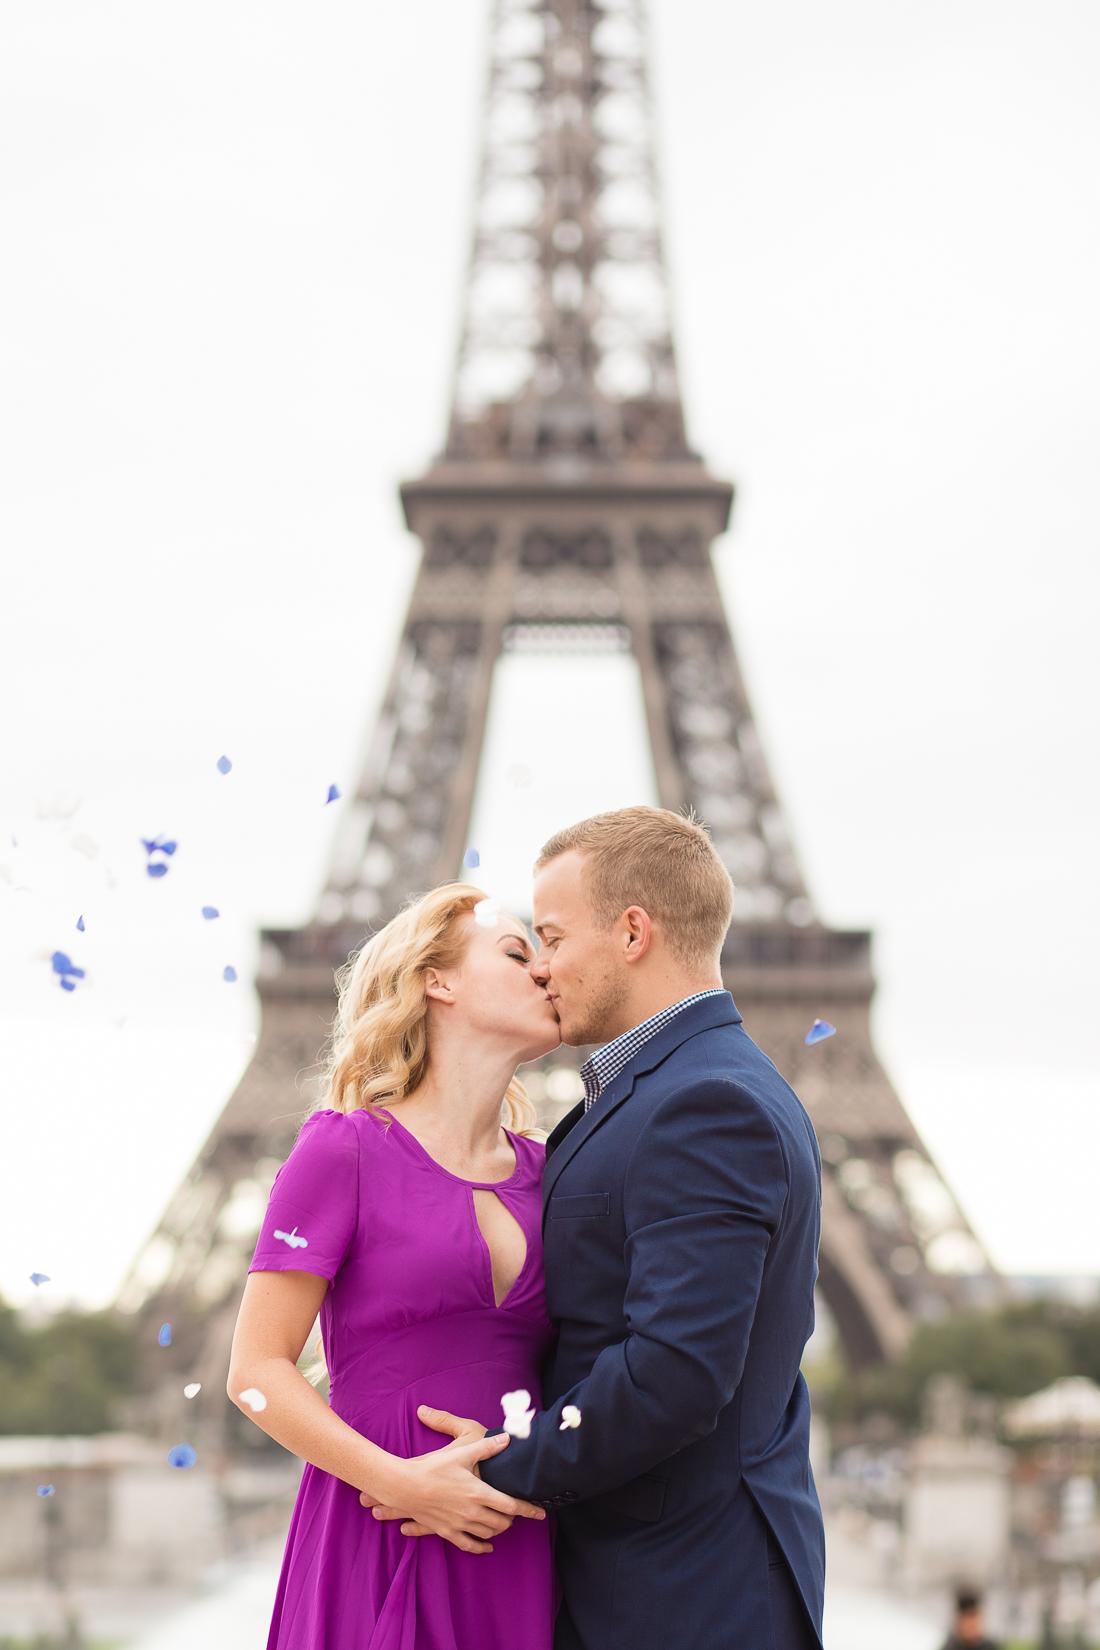 creative-paris-eiffel-tower-baby-gender-reveal-flowers-2